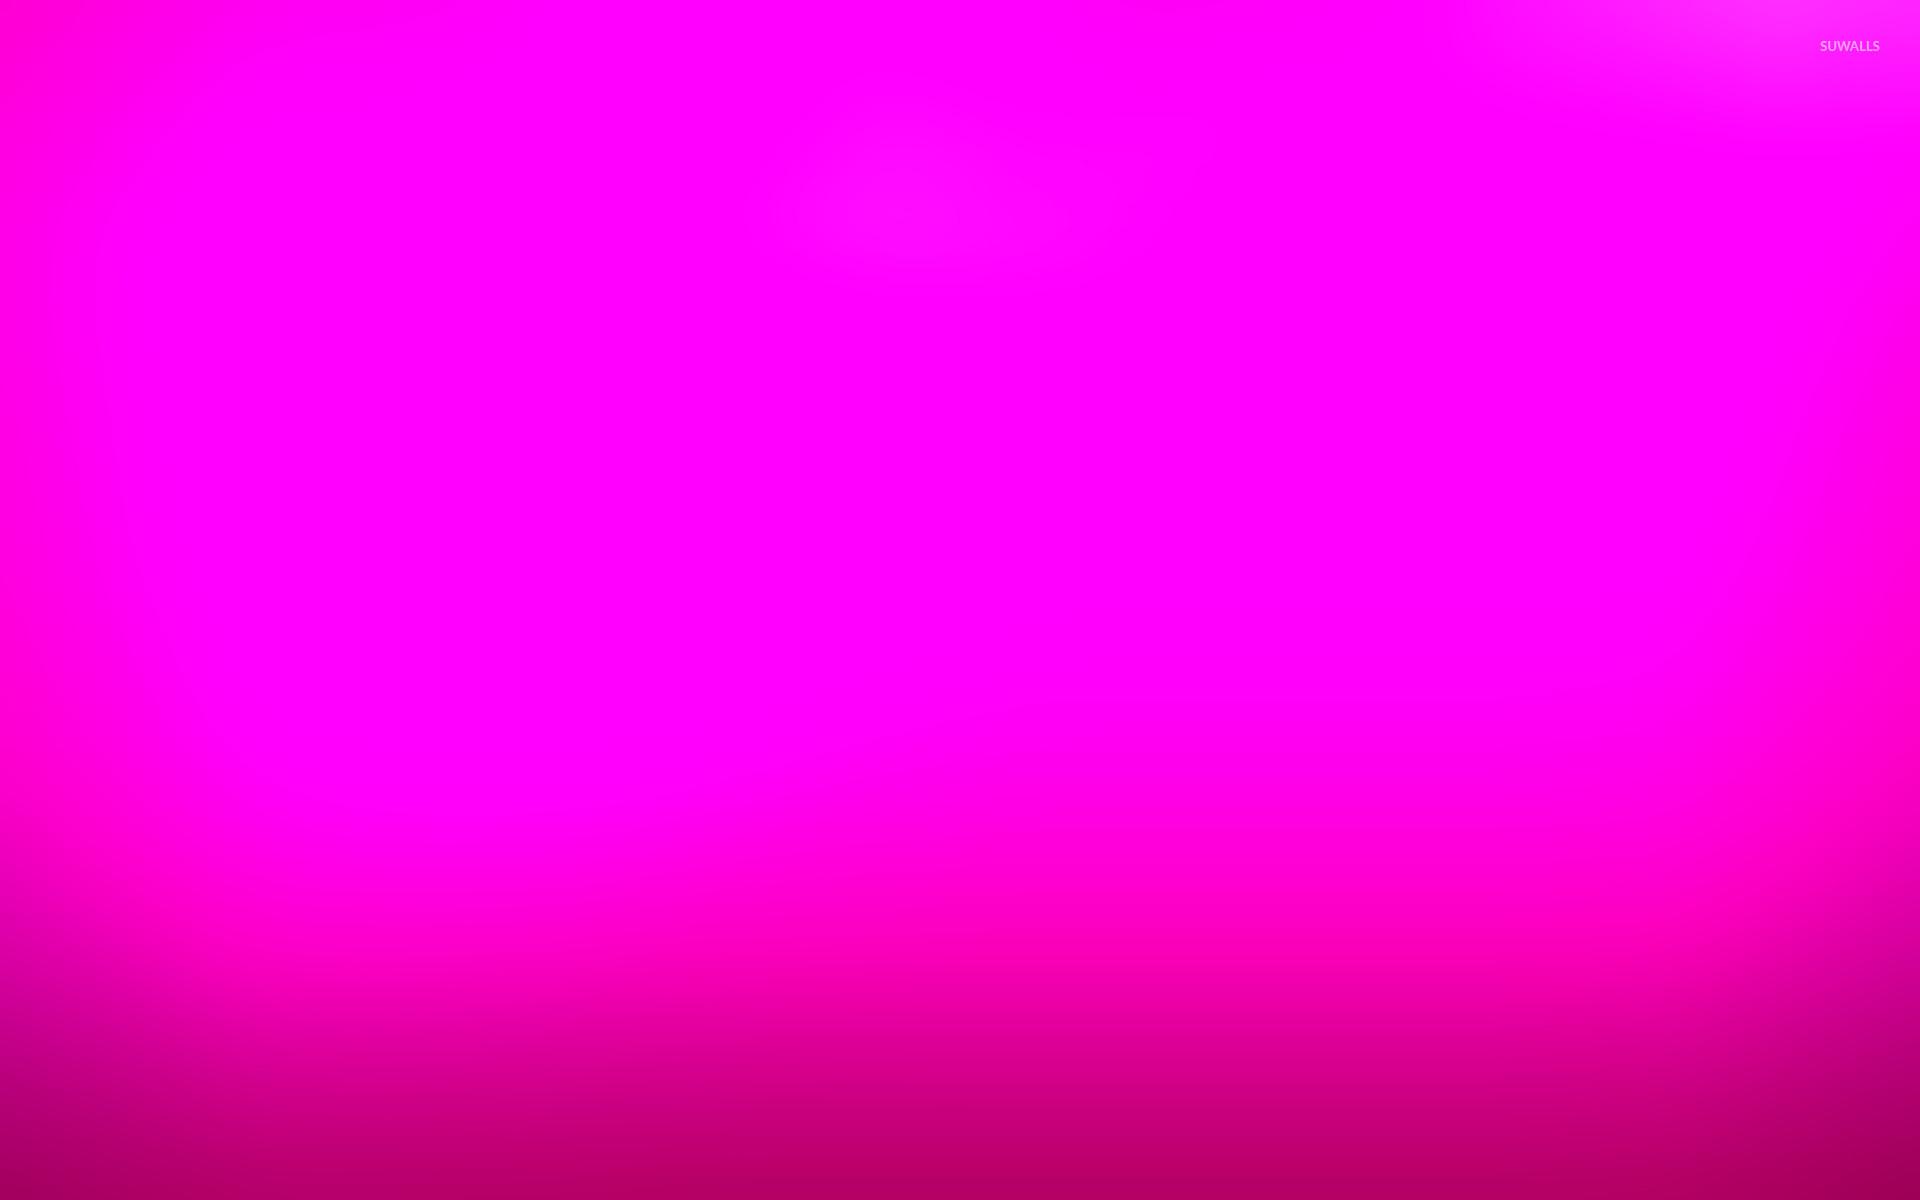 Pink gradient wallpaper